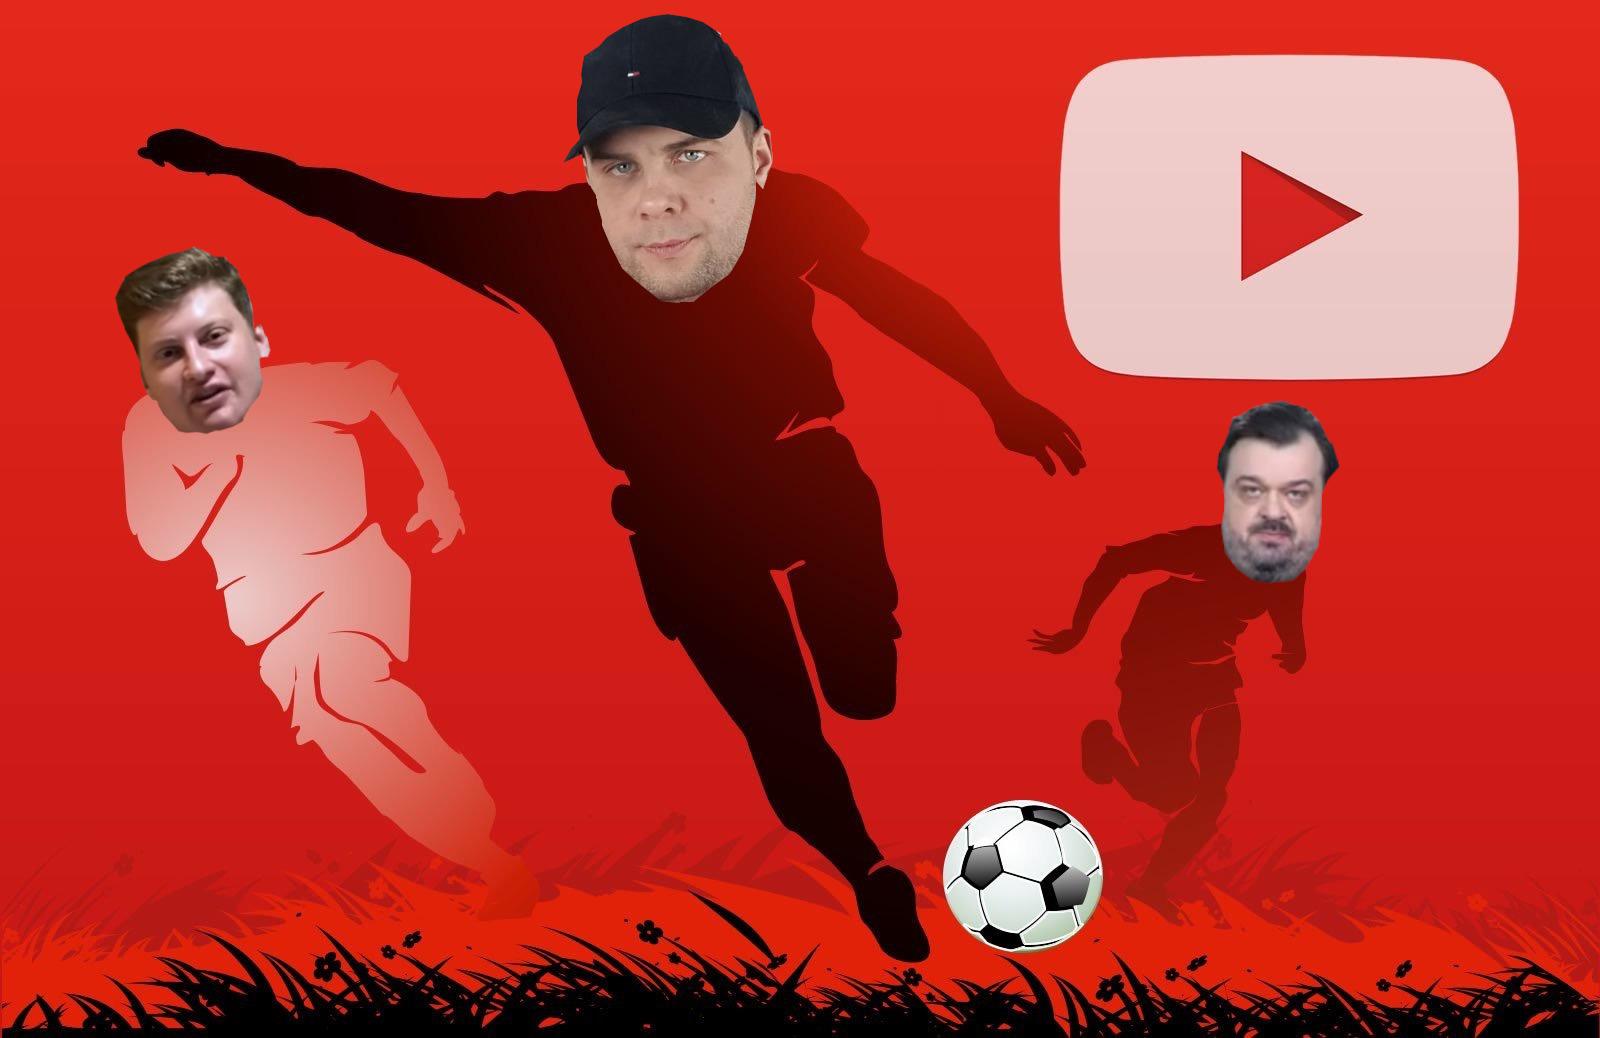 премьер-лига Россия, Лига чемпионов УЕФА, премьер-лига Англия, YouTube, Лига Европы УЕФА